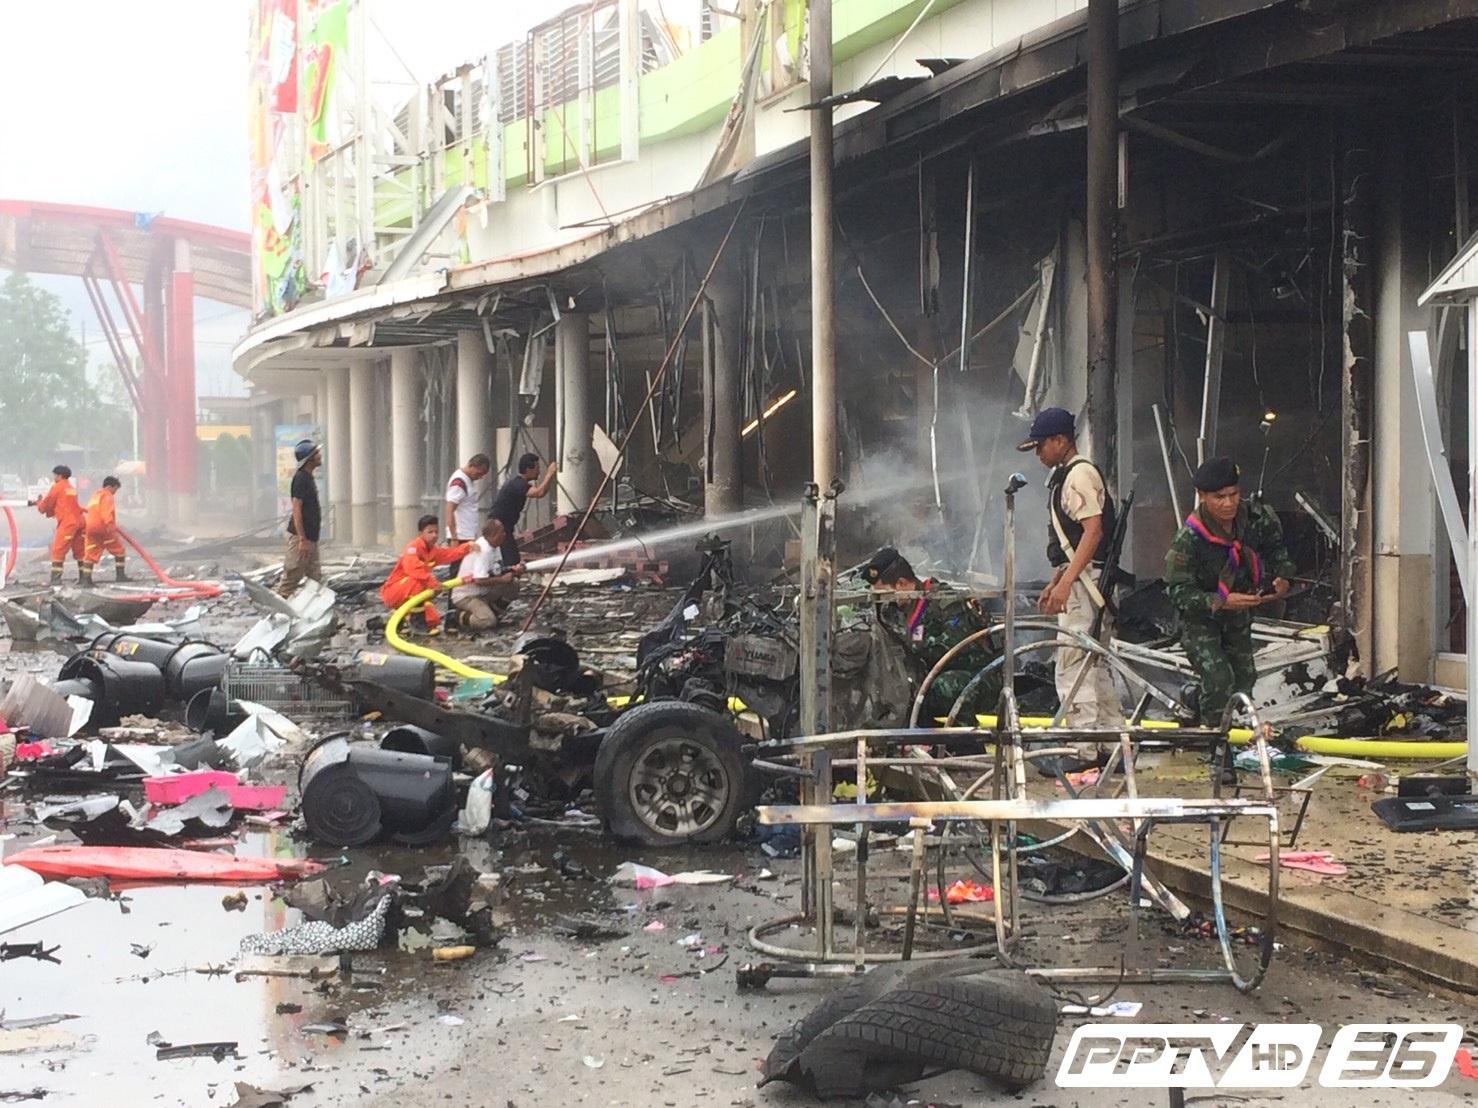 """เกิดเหตุระเบิด """"คาร์บอมบ์"""" บริเวณห้างบิ๊กซีปัตตานี เจ็บหลายราย"""